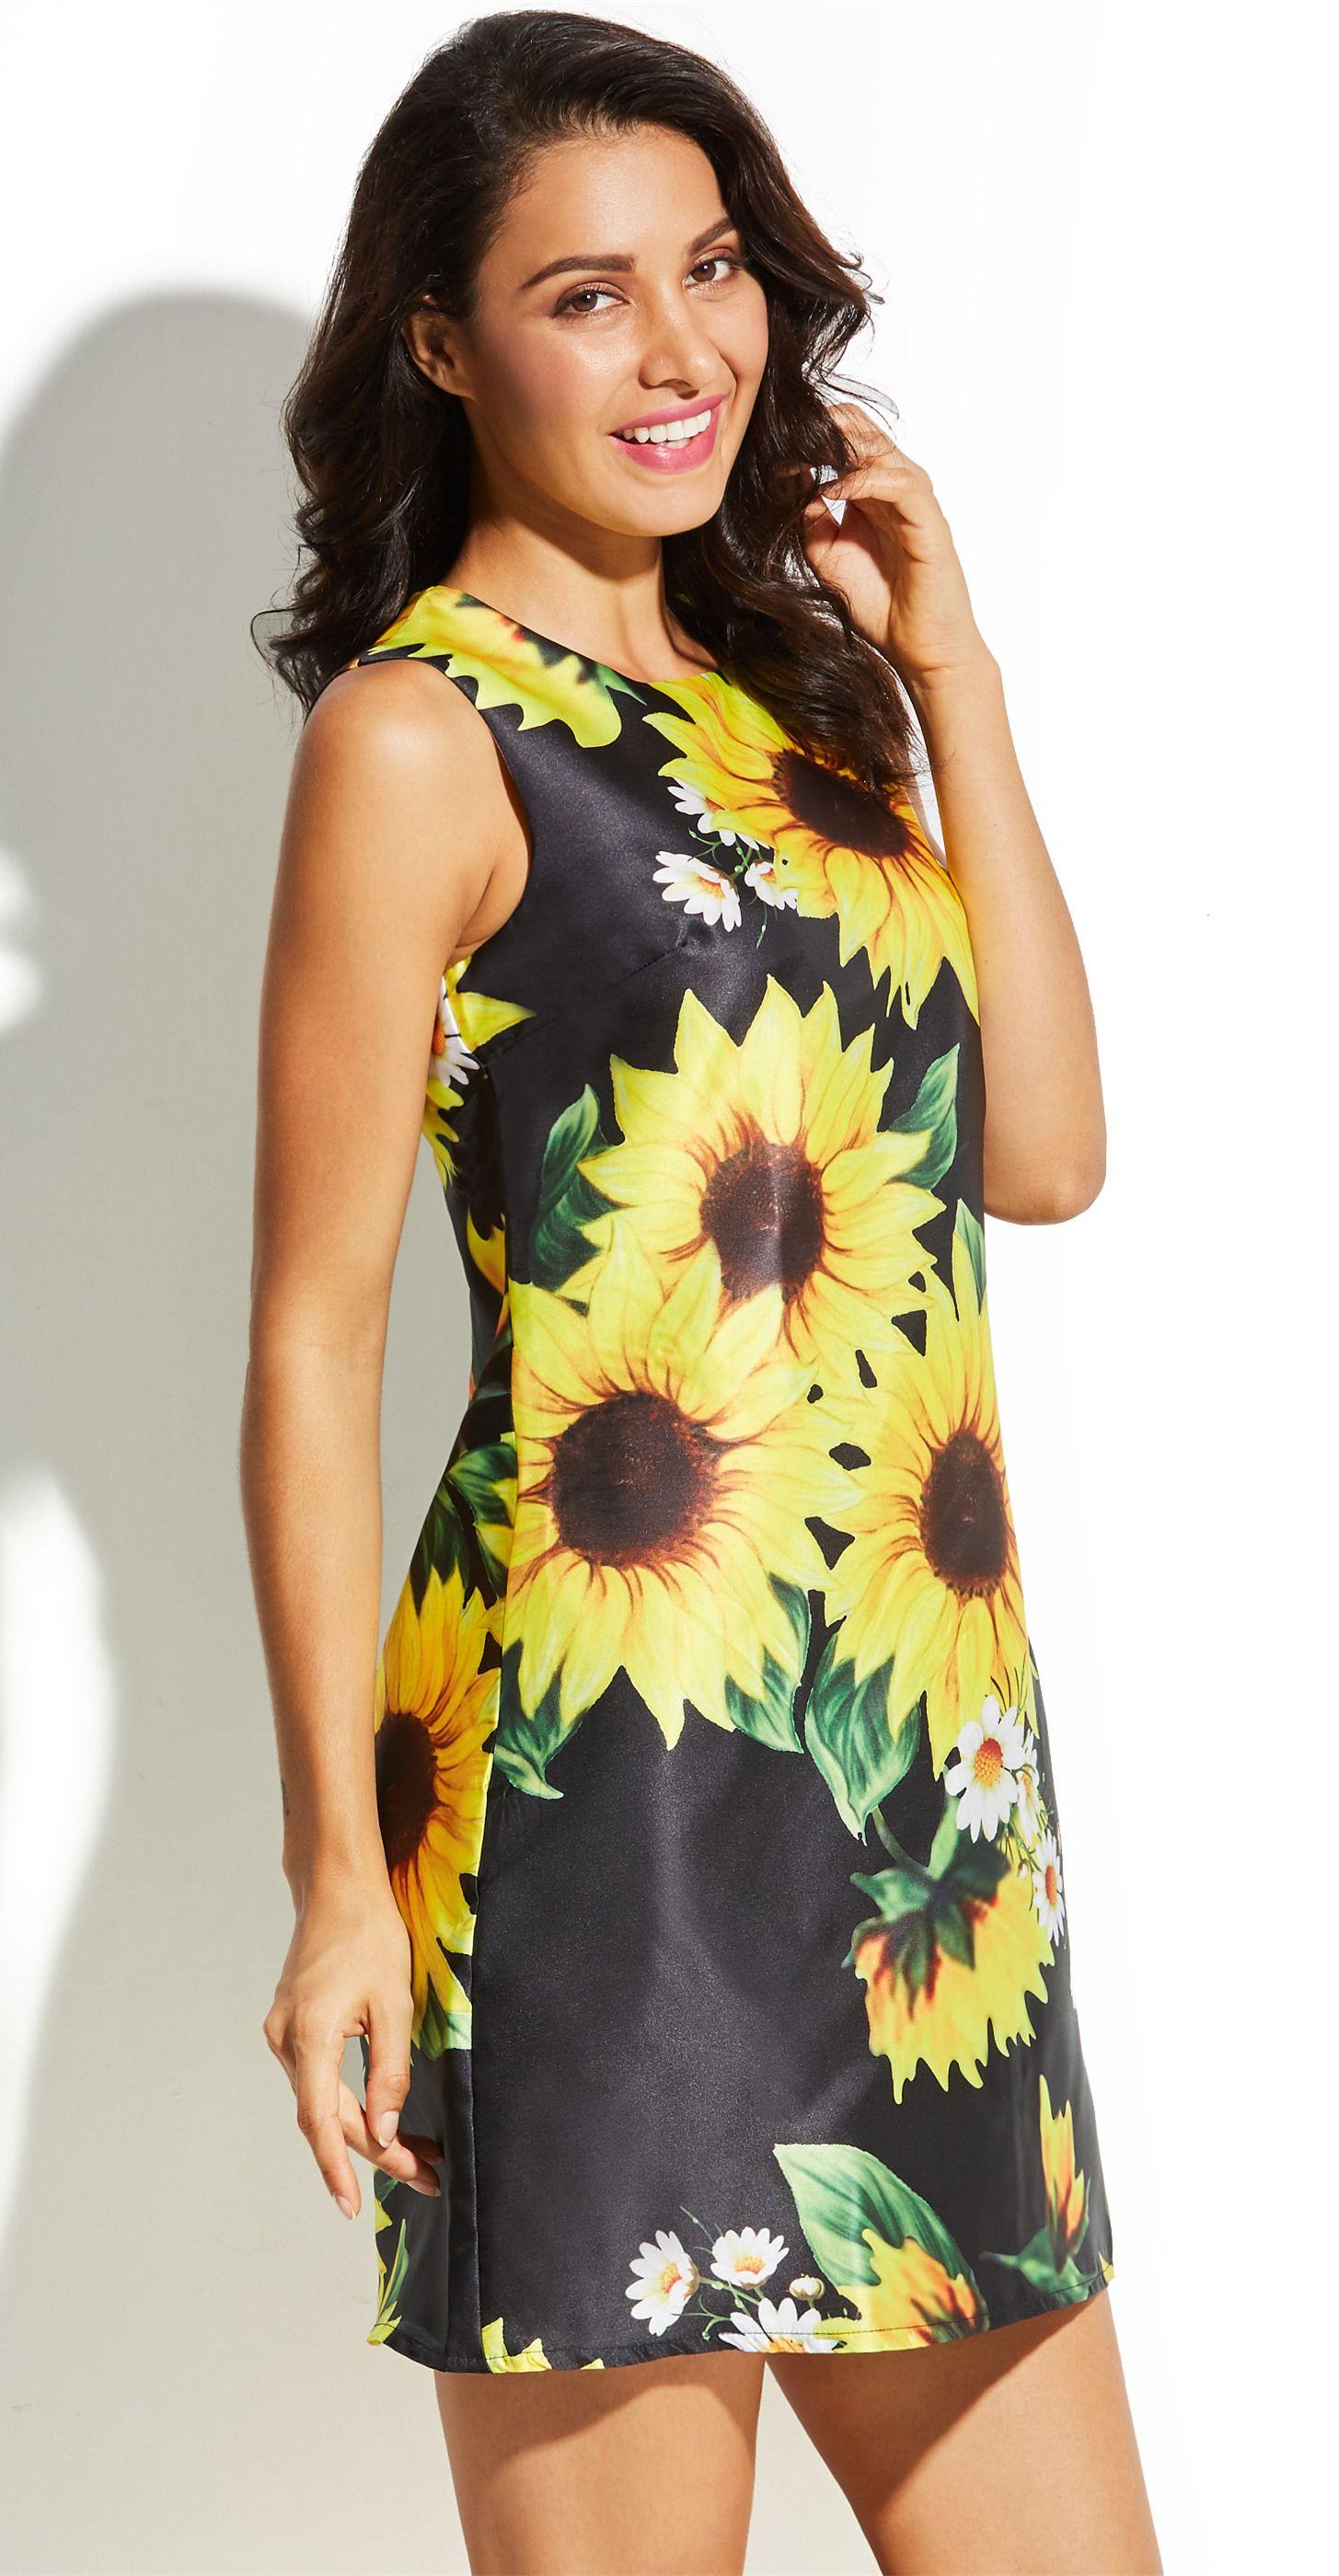 f5bbfad397b9 Sunflower Print Sleeveless Women's A-Line Dress | Dresses | Women's ...